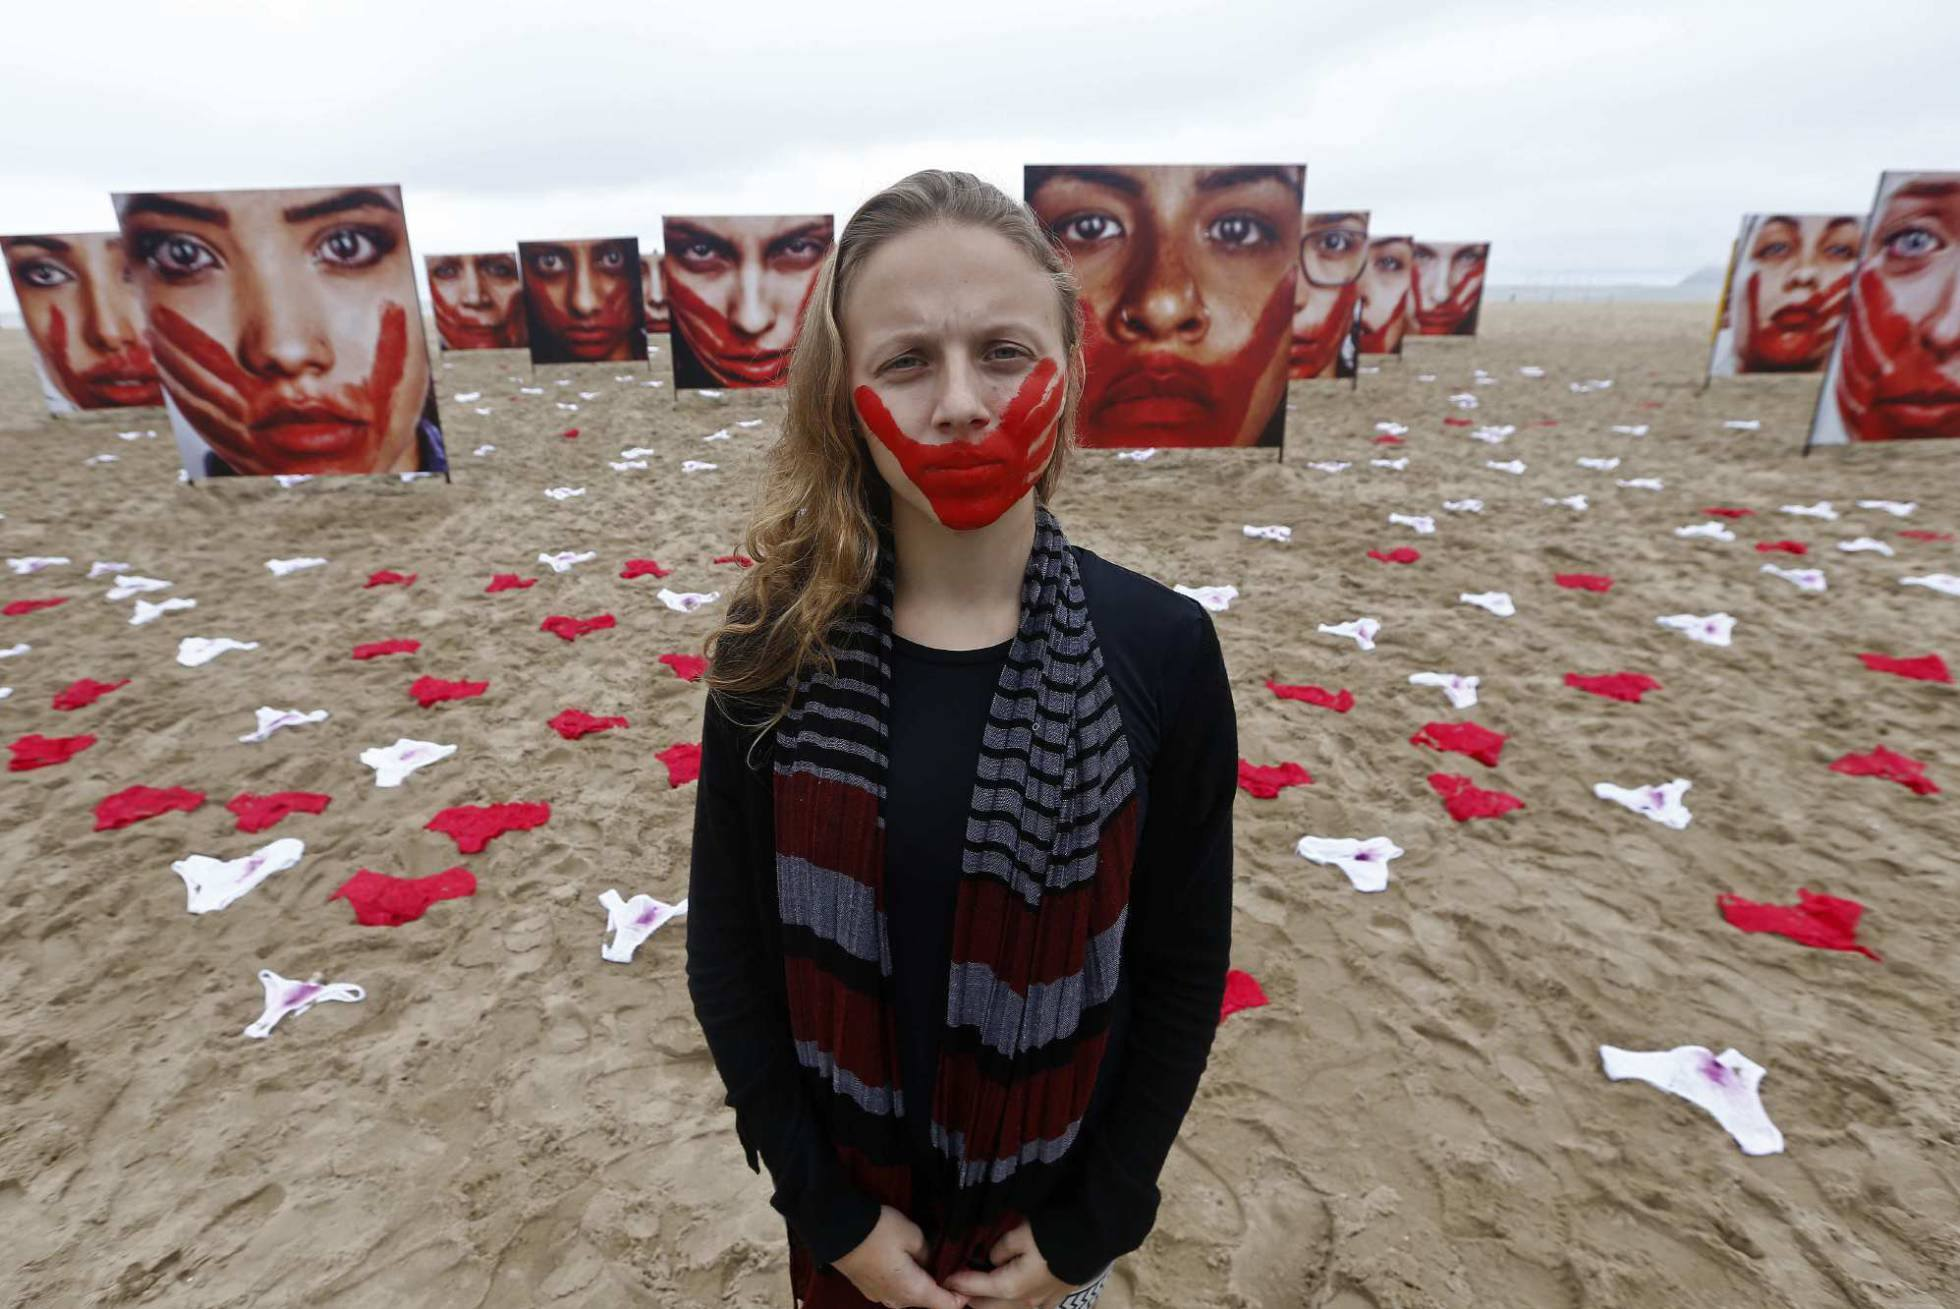 Afbeeldingsresultaat voor verkrachting op het strand